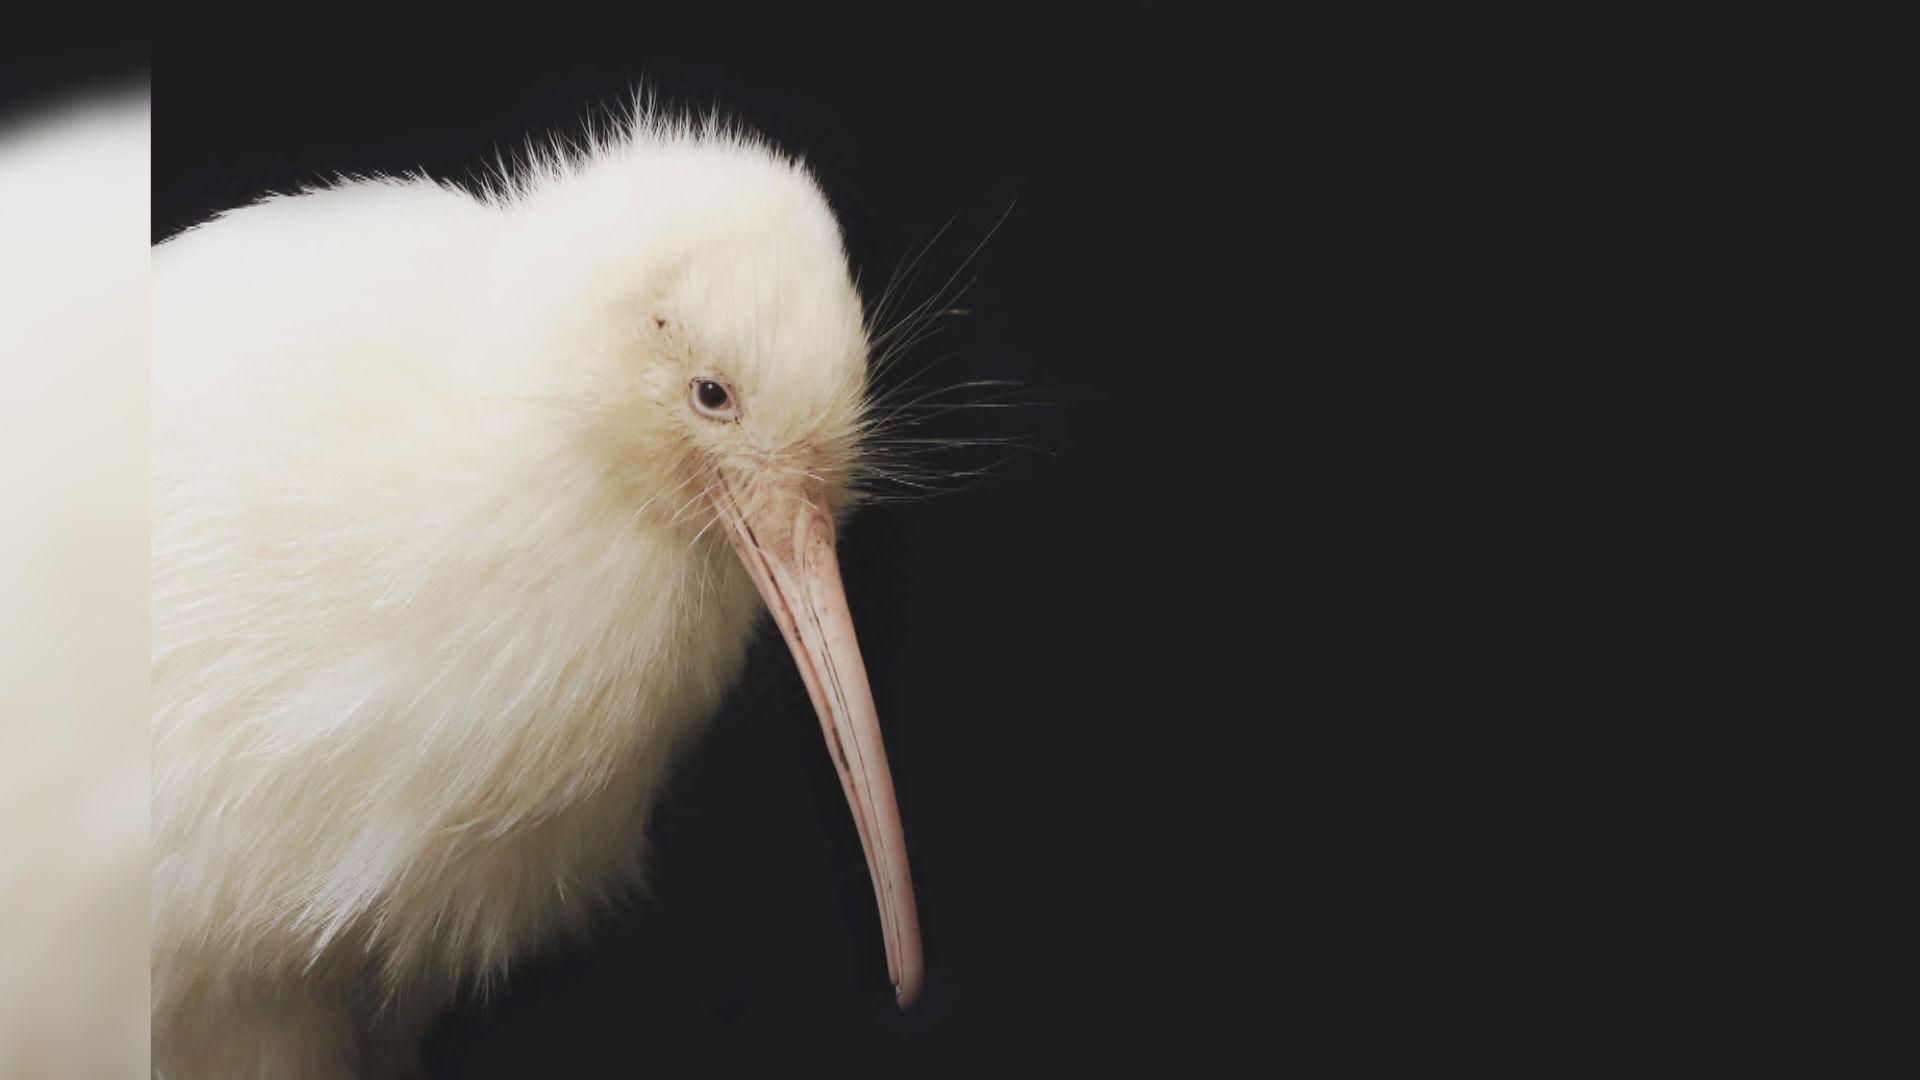 【環球薈報】新西蘭白色奇異鳥馬努庫拉逝世